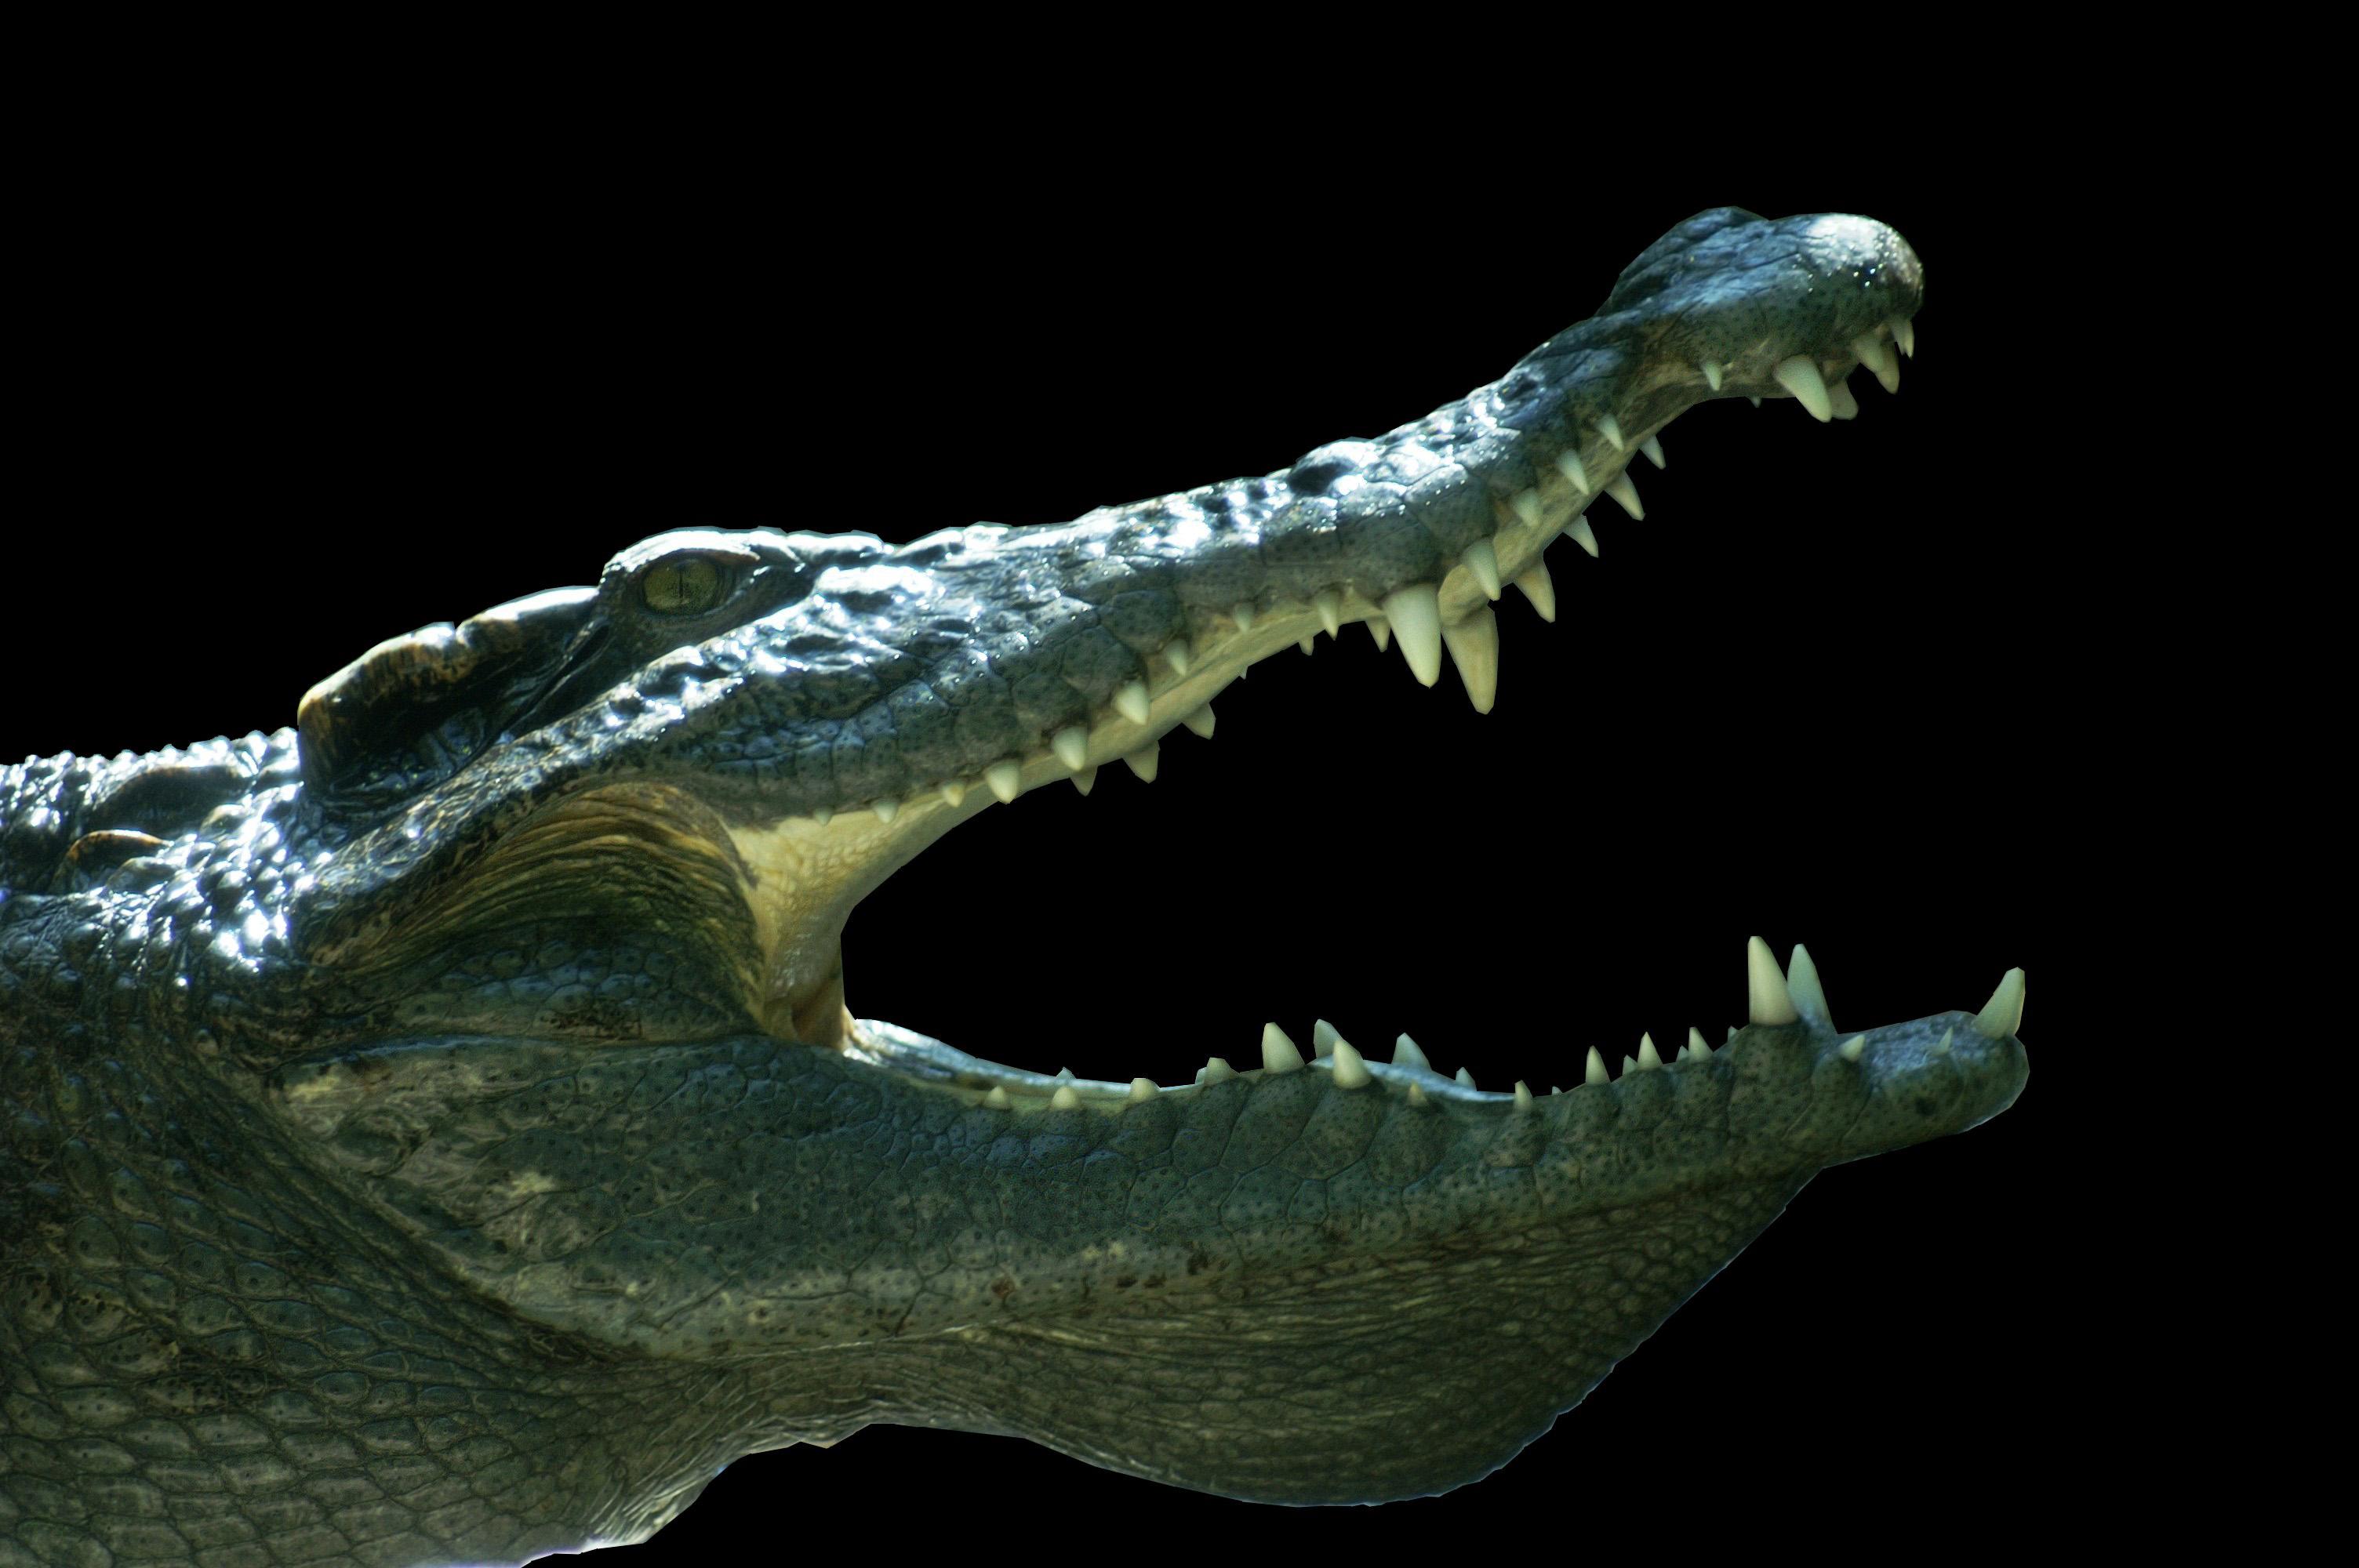 Bilde av et krokodillehode